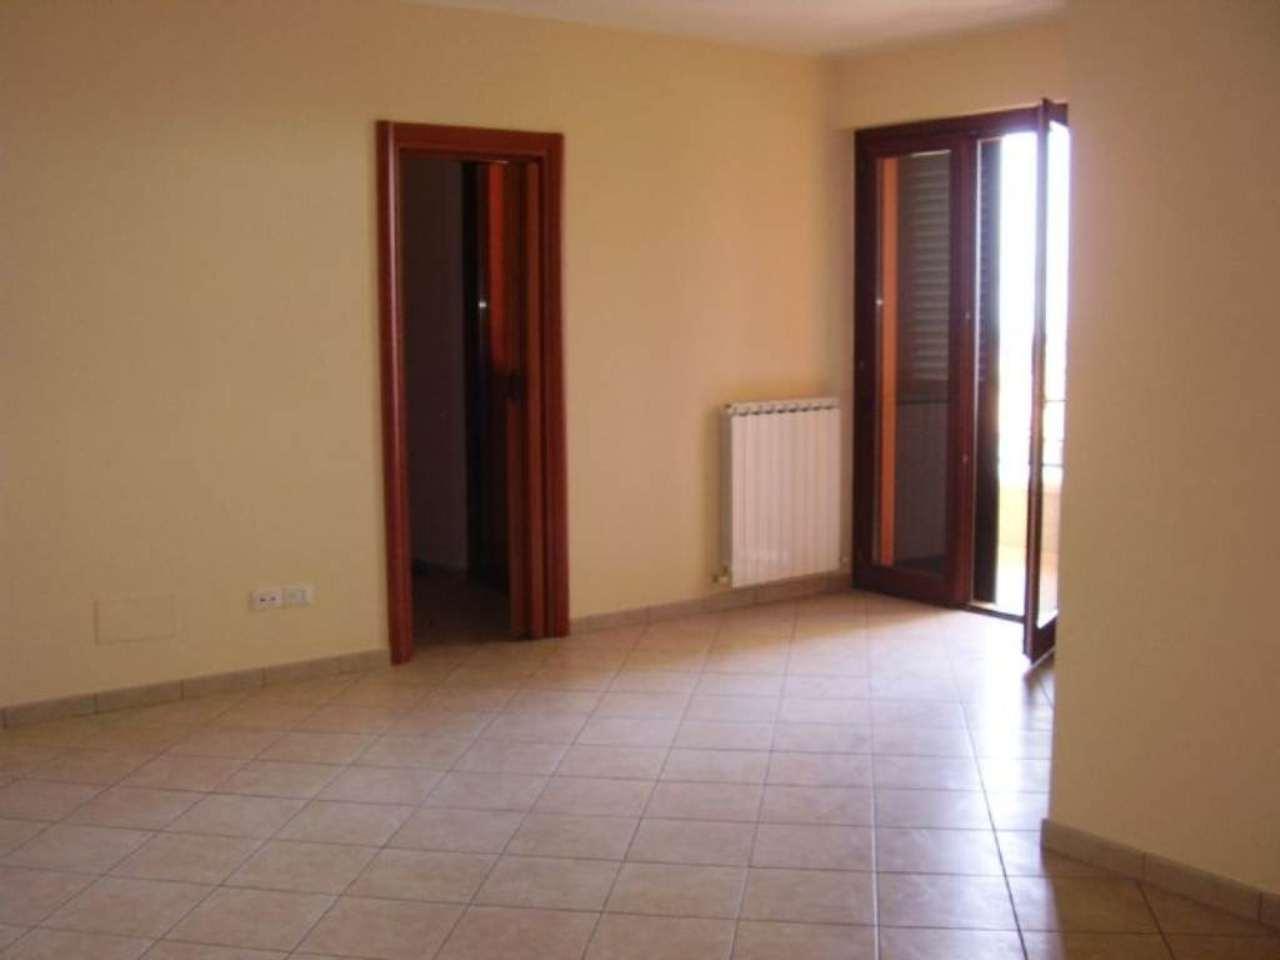 Appartamento in vendita a Tortoreto, 3 locali, prezzo € 150.000 | Cambio Casa.it